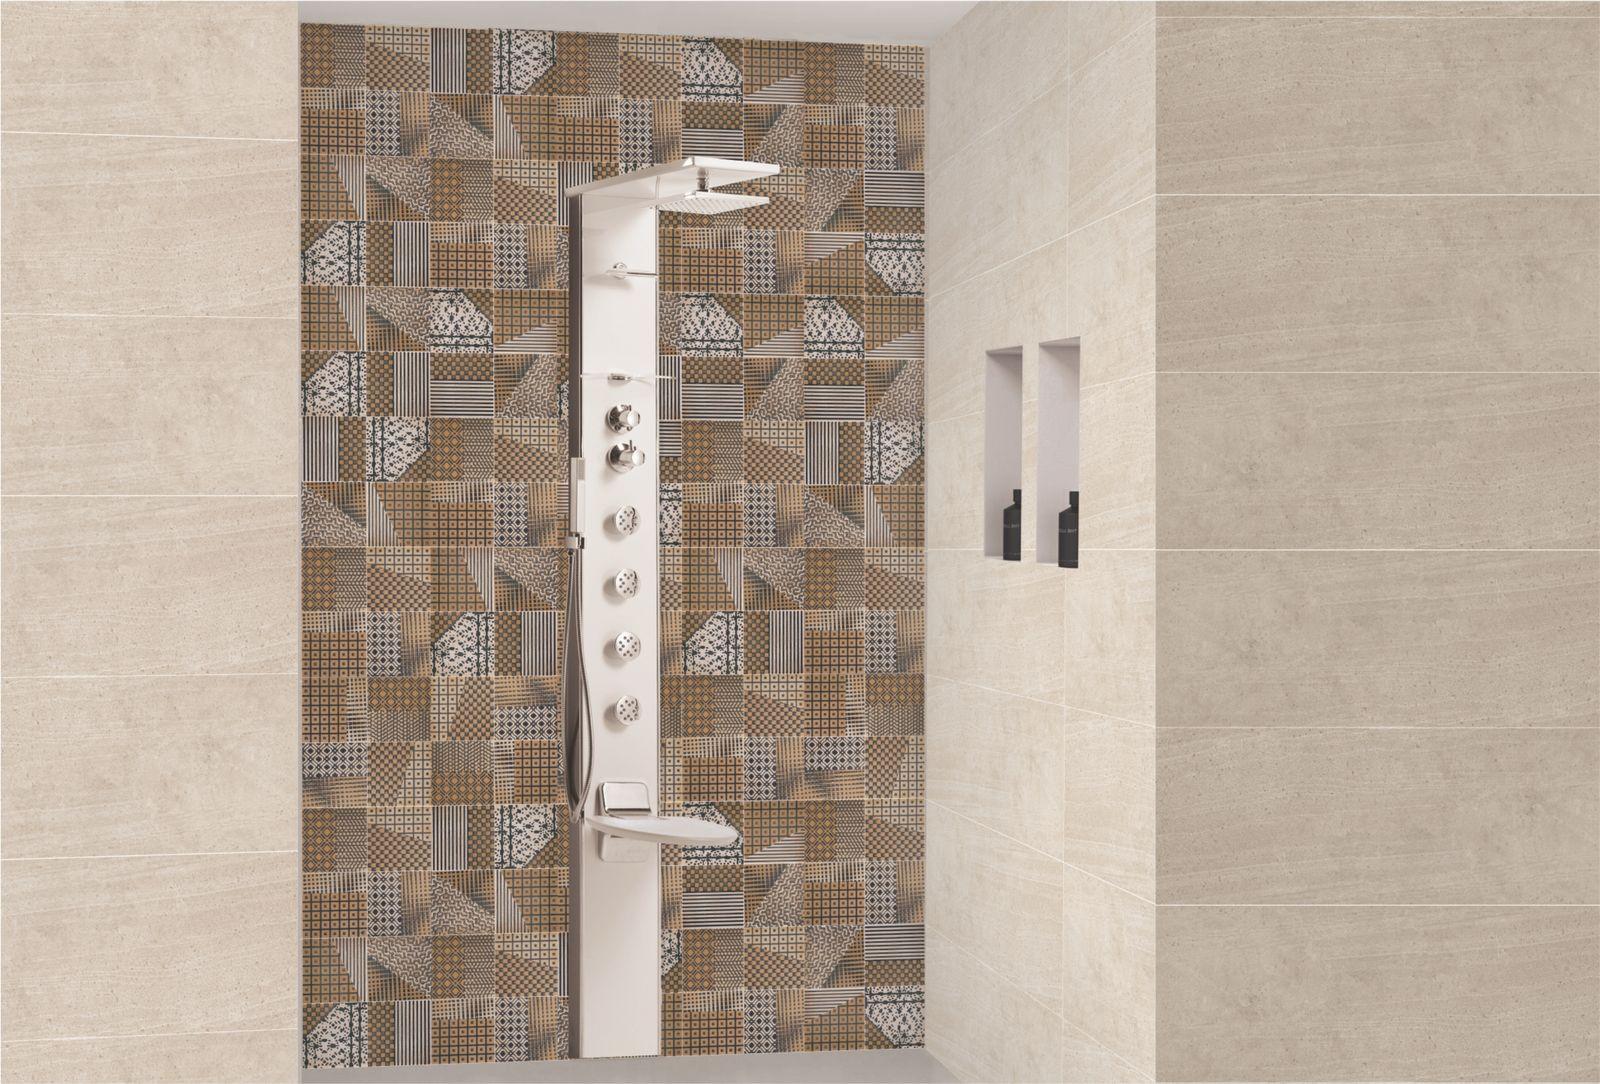 luxury lu 3301 a b 30x30 cm layout result